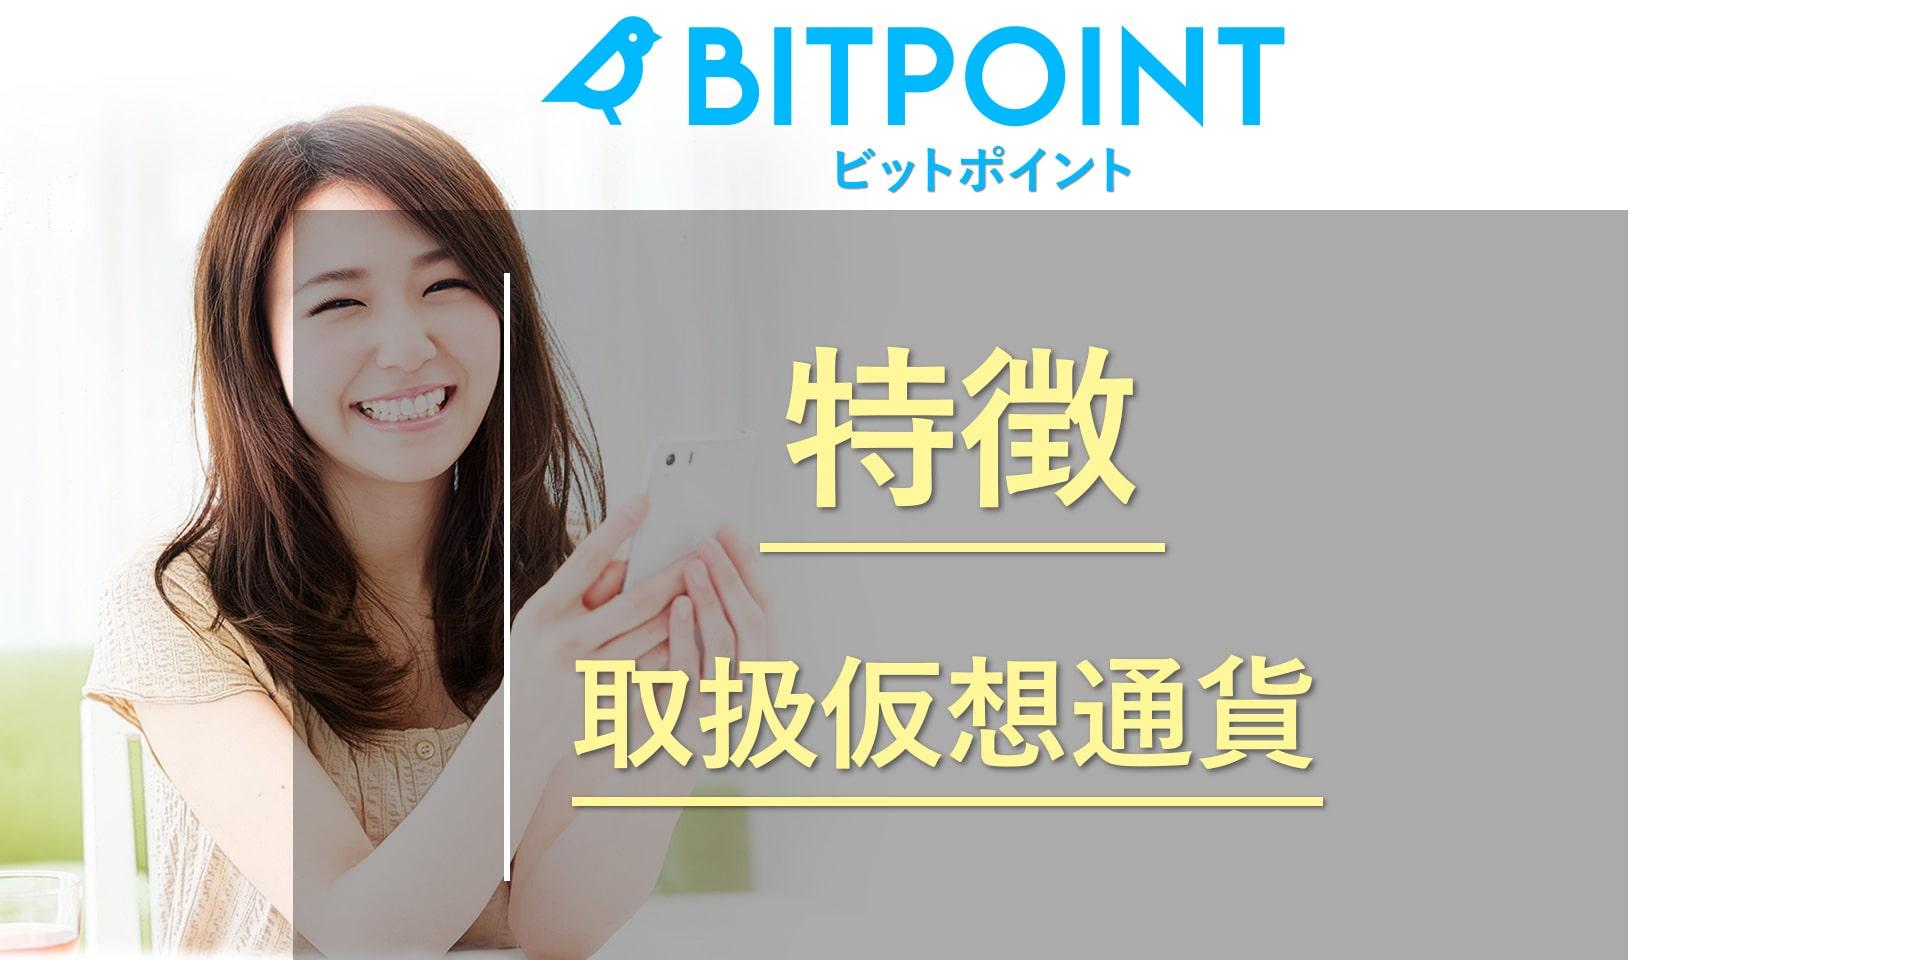 BITPoint(ビットポイント)の取り扱い仮想通貨とその特徴を徹底解説!